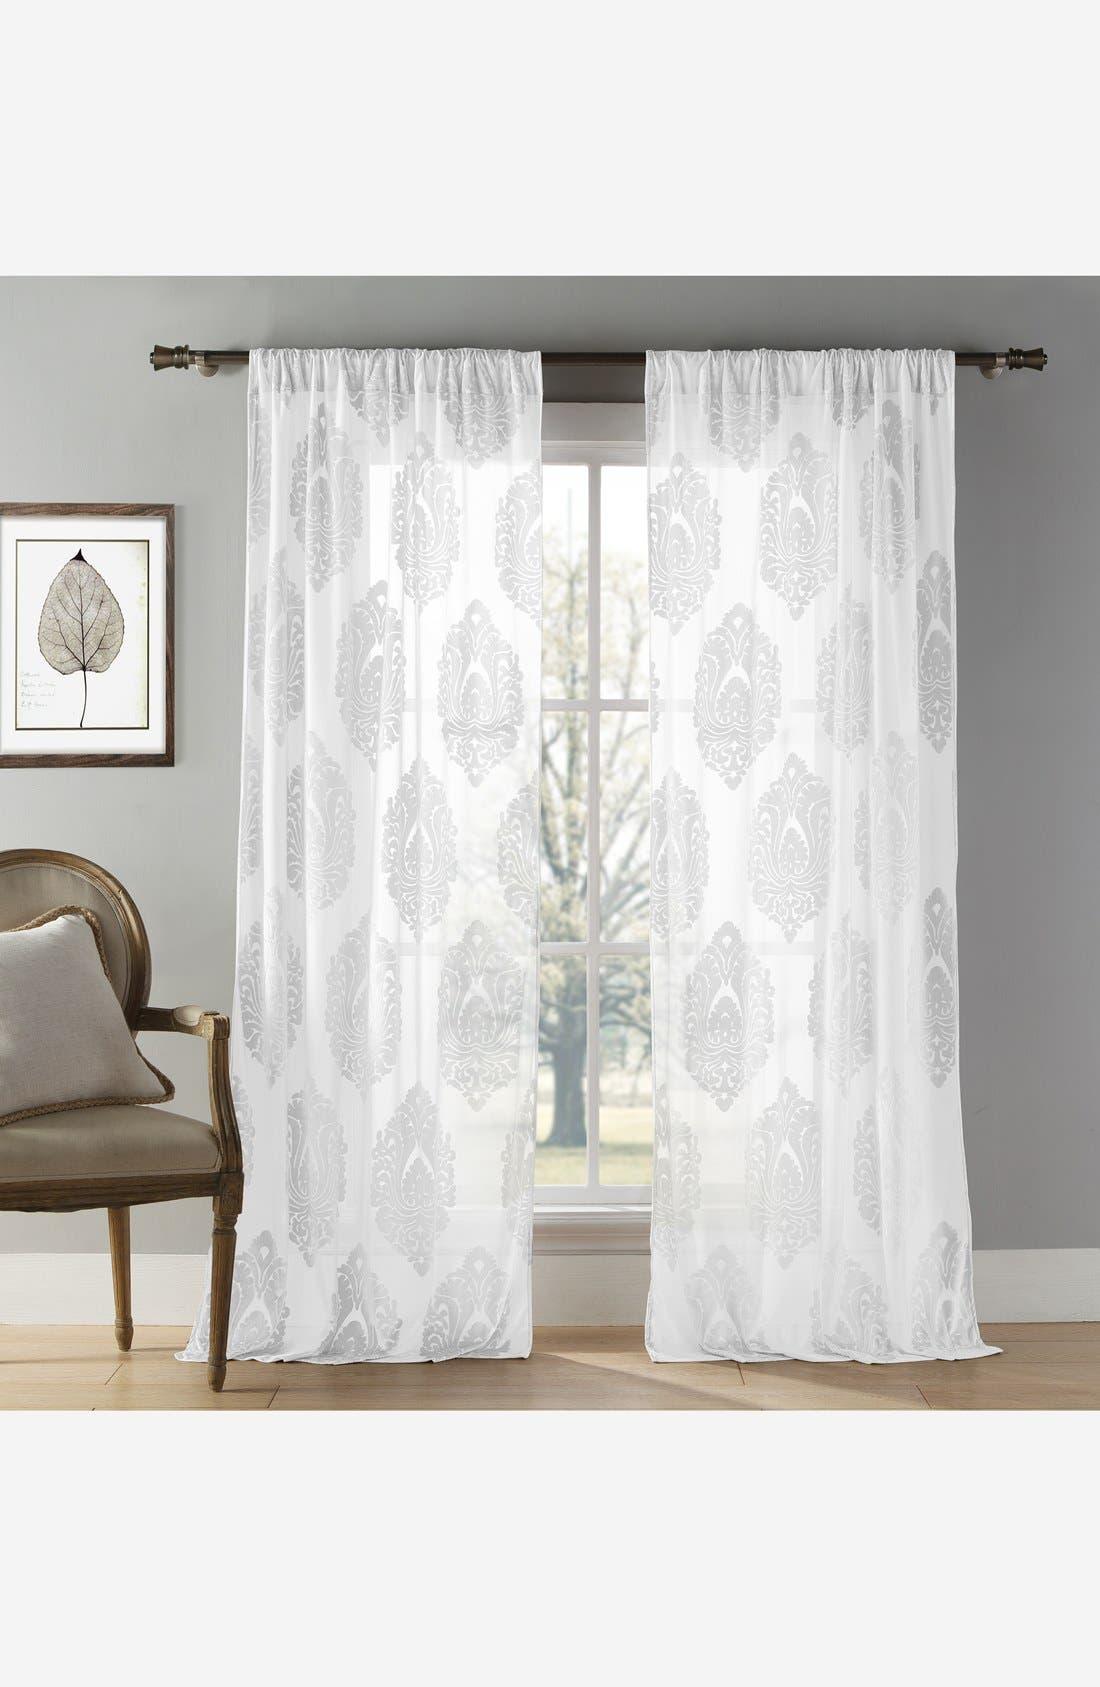 Alternate Image 1 Selected - Duck River Textile 'Sophie' Damask Velvet Burnout Window Panels (Set of 2)